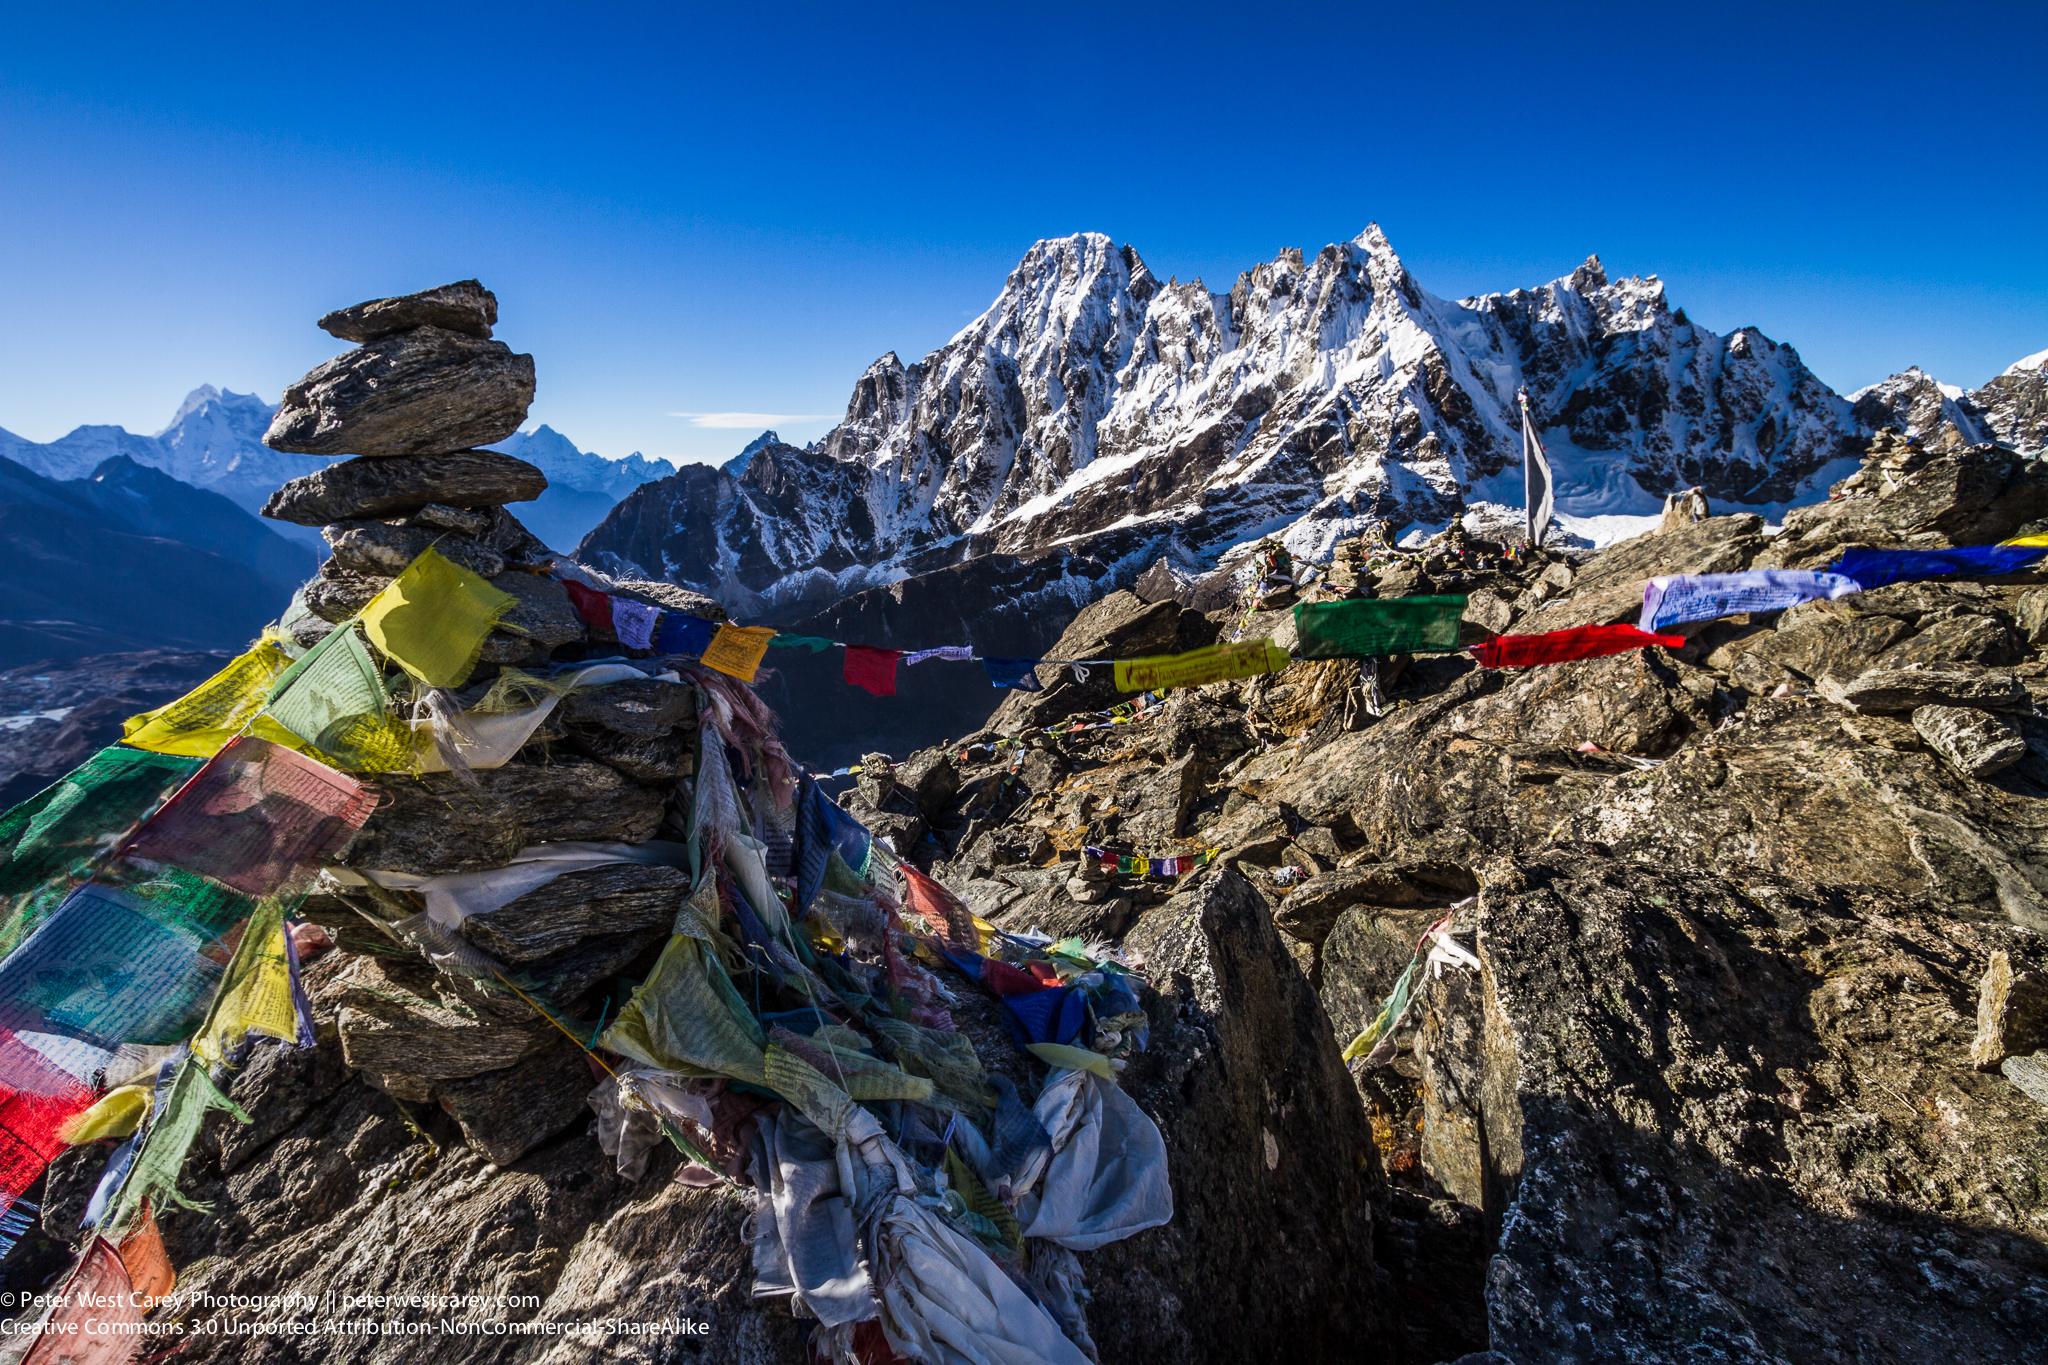 Prayer Flags And The Machermo Range From Gokyo Ri, Nepal